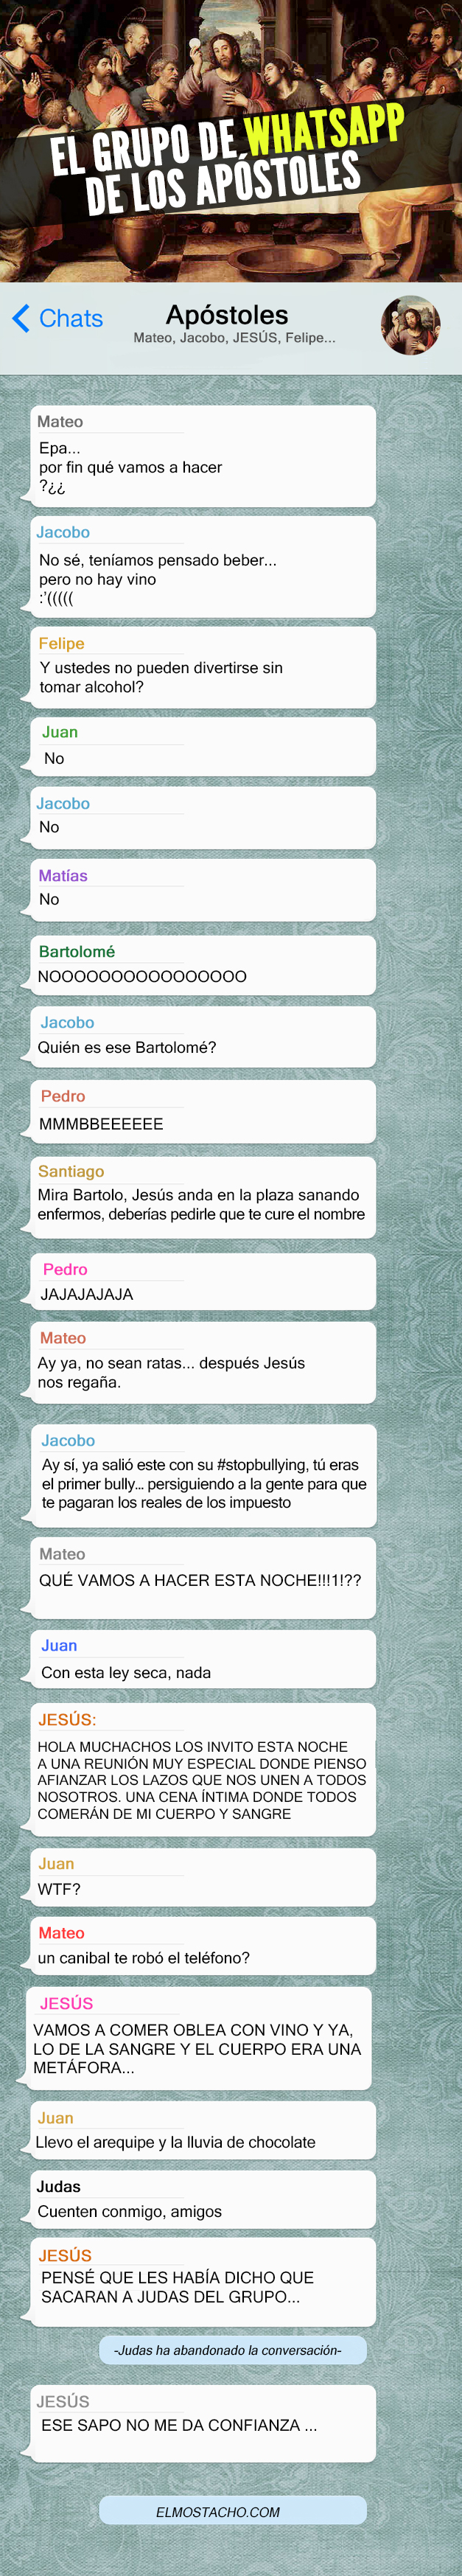 El Grupo De Whatsapp De Los Apostoles El Mostacho Funny Phrases Jokes Quotes Very Funny Quotes